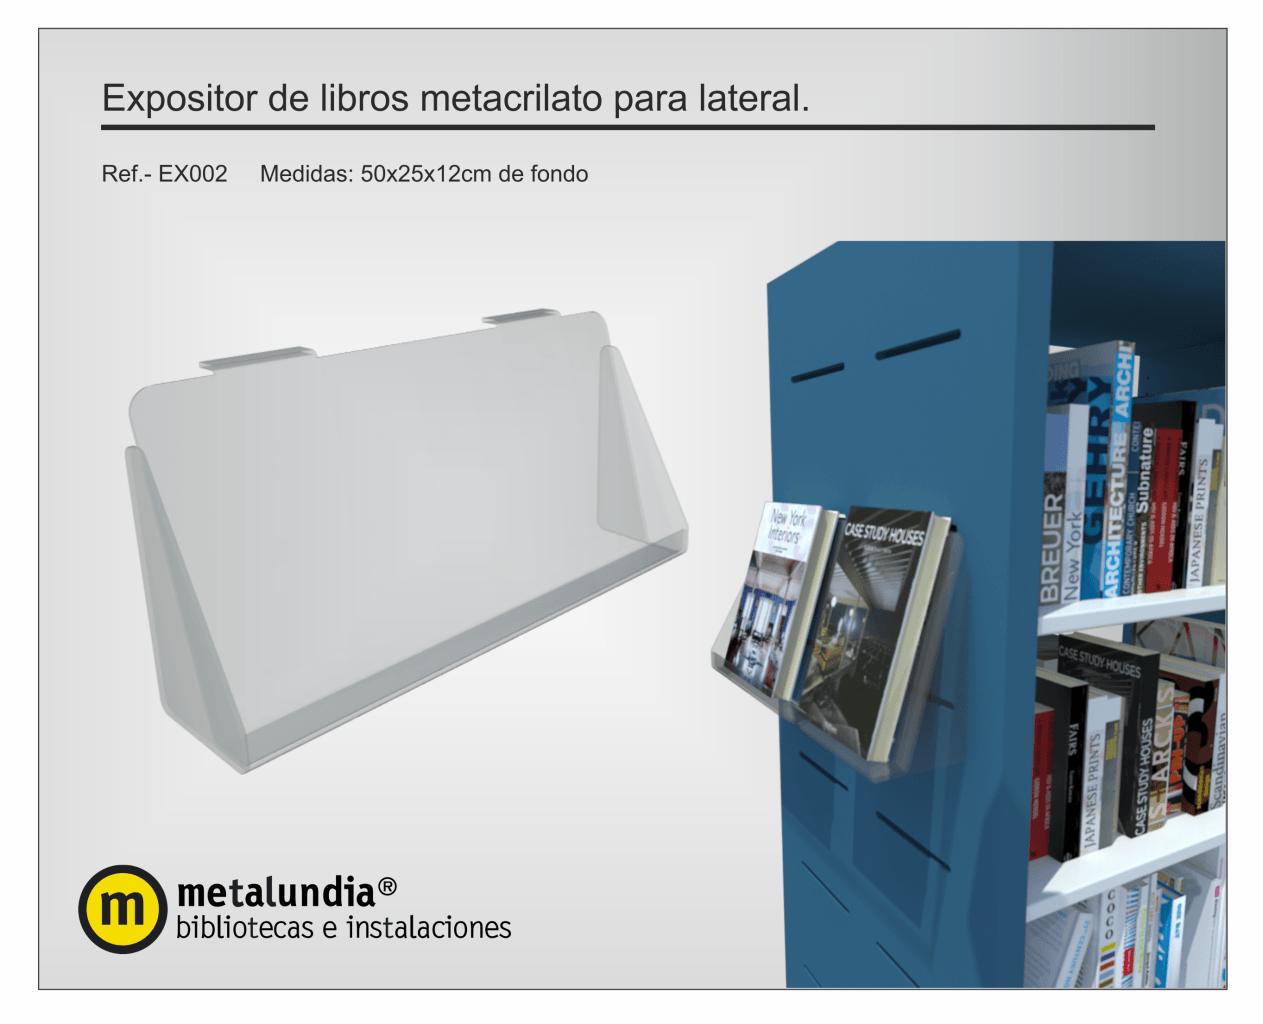 Expositor de libros metacrilato para lateral